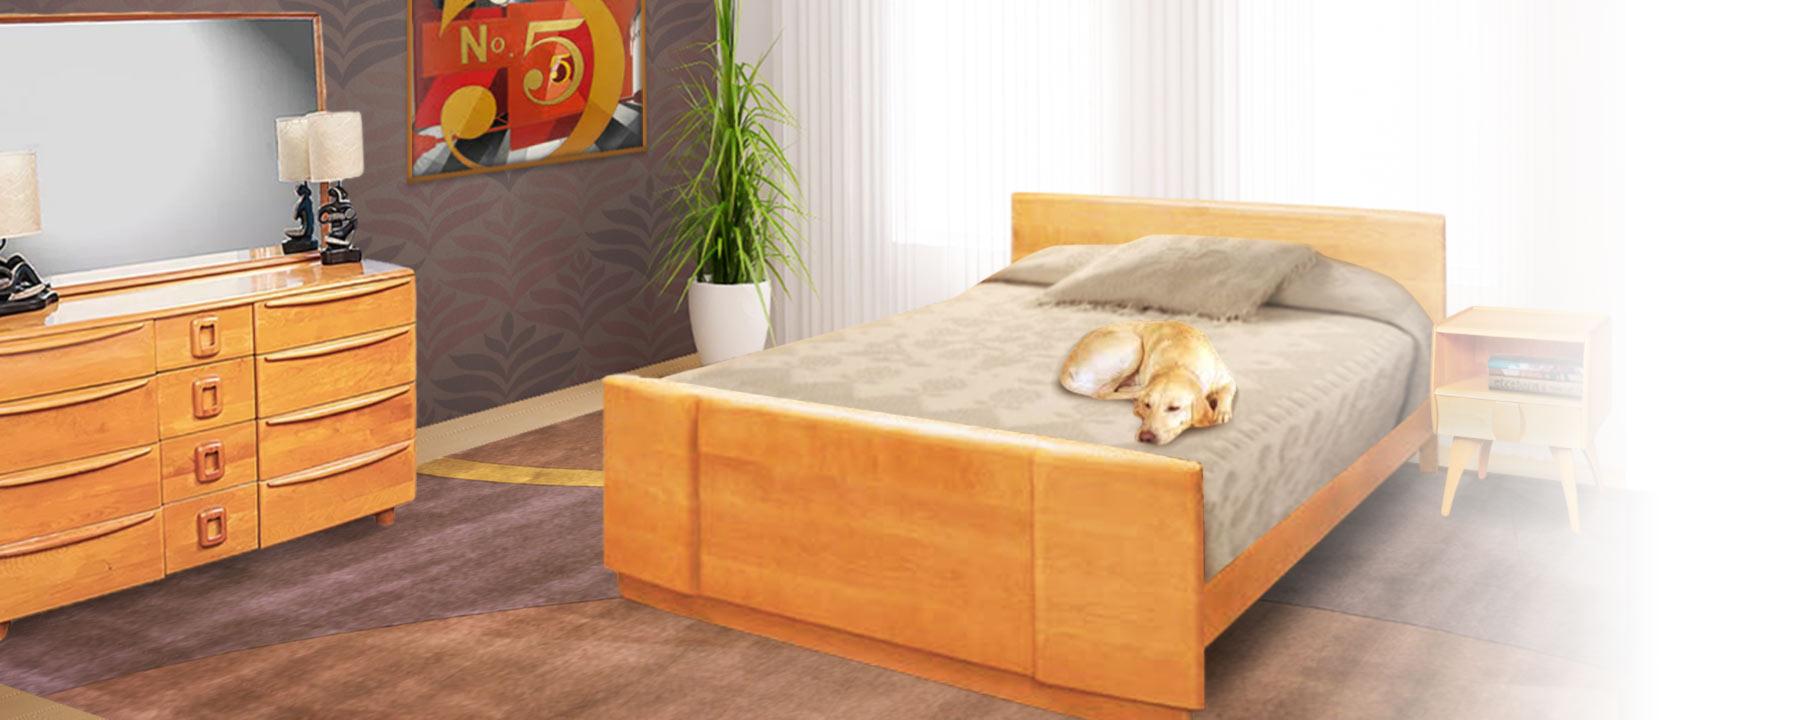 Heywood Wakefield Mid Century Modern Furniture Manufacturer